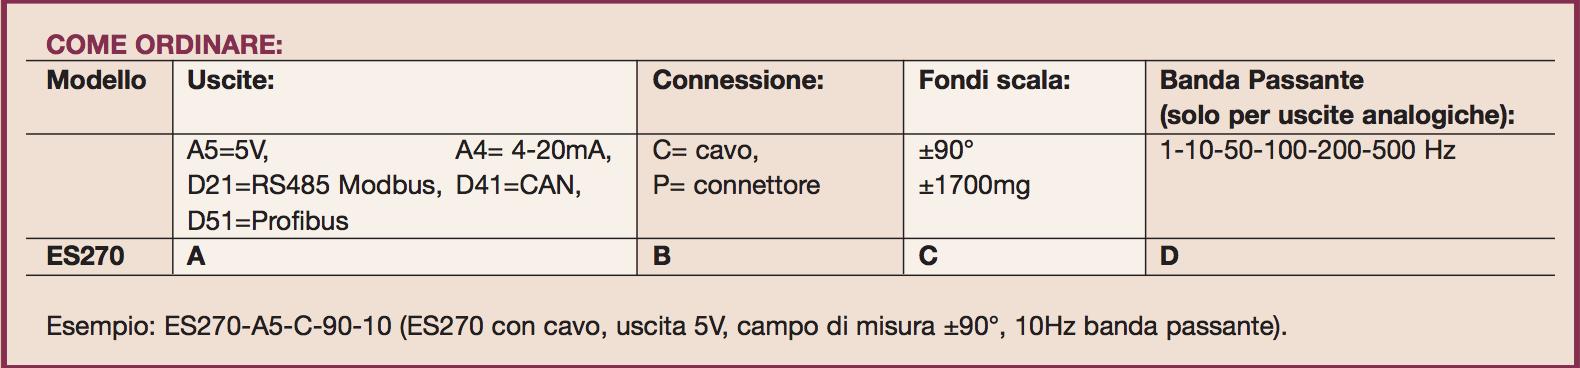 Come Ordinare ES270